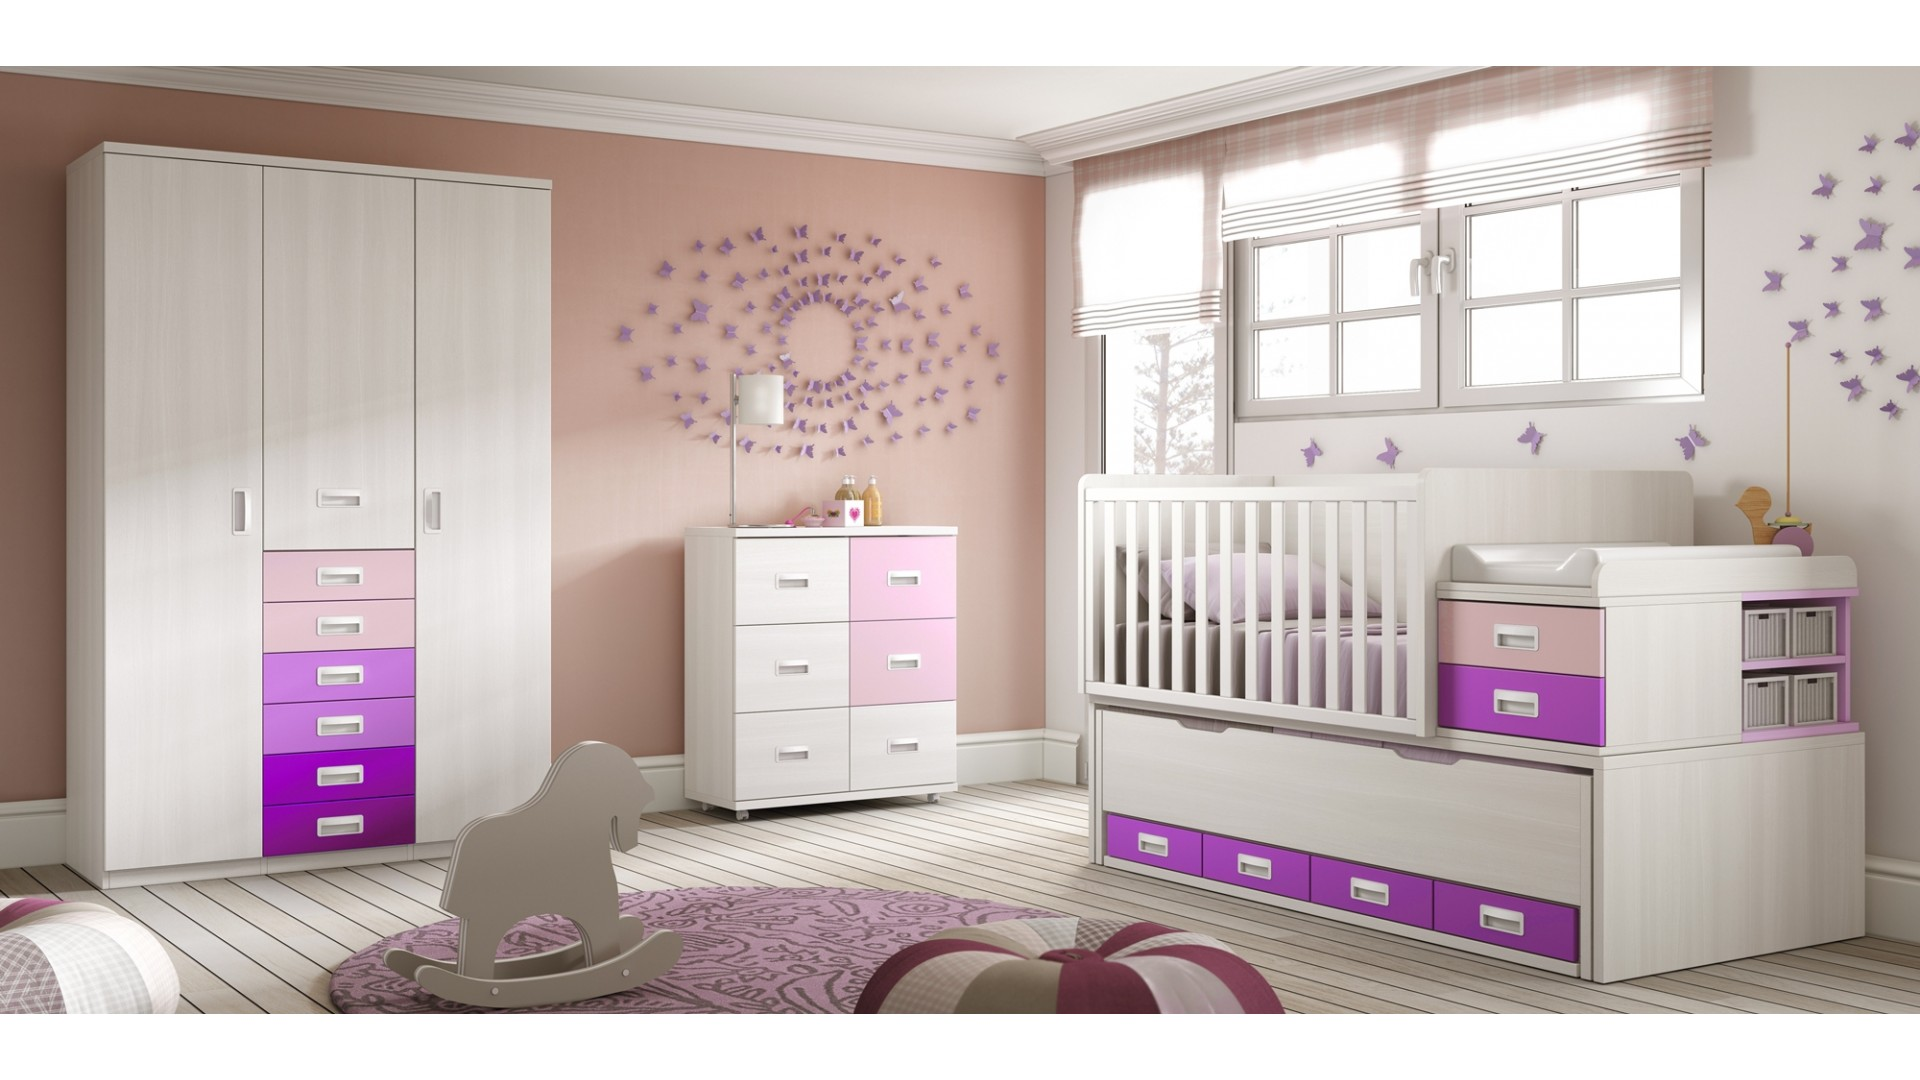 Chambre avec lit pour bébé évolutif et lit gigogne - GLICERIO